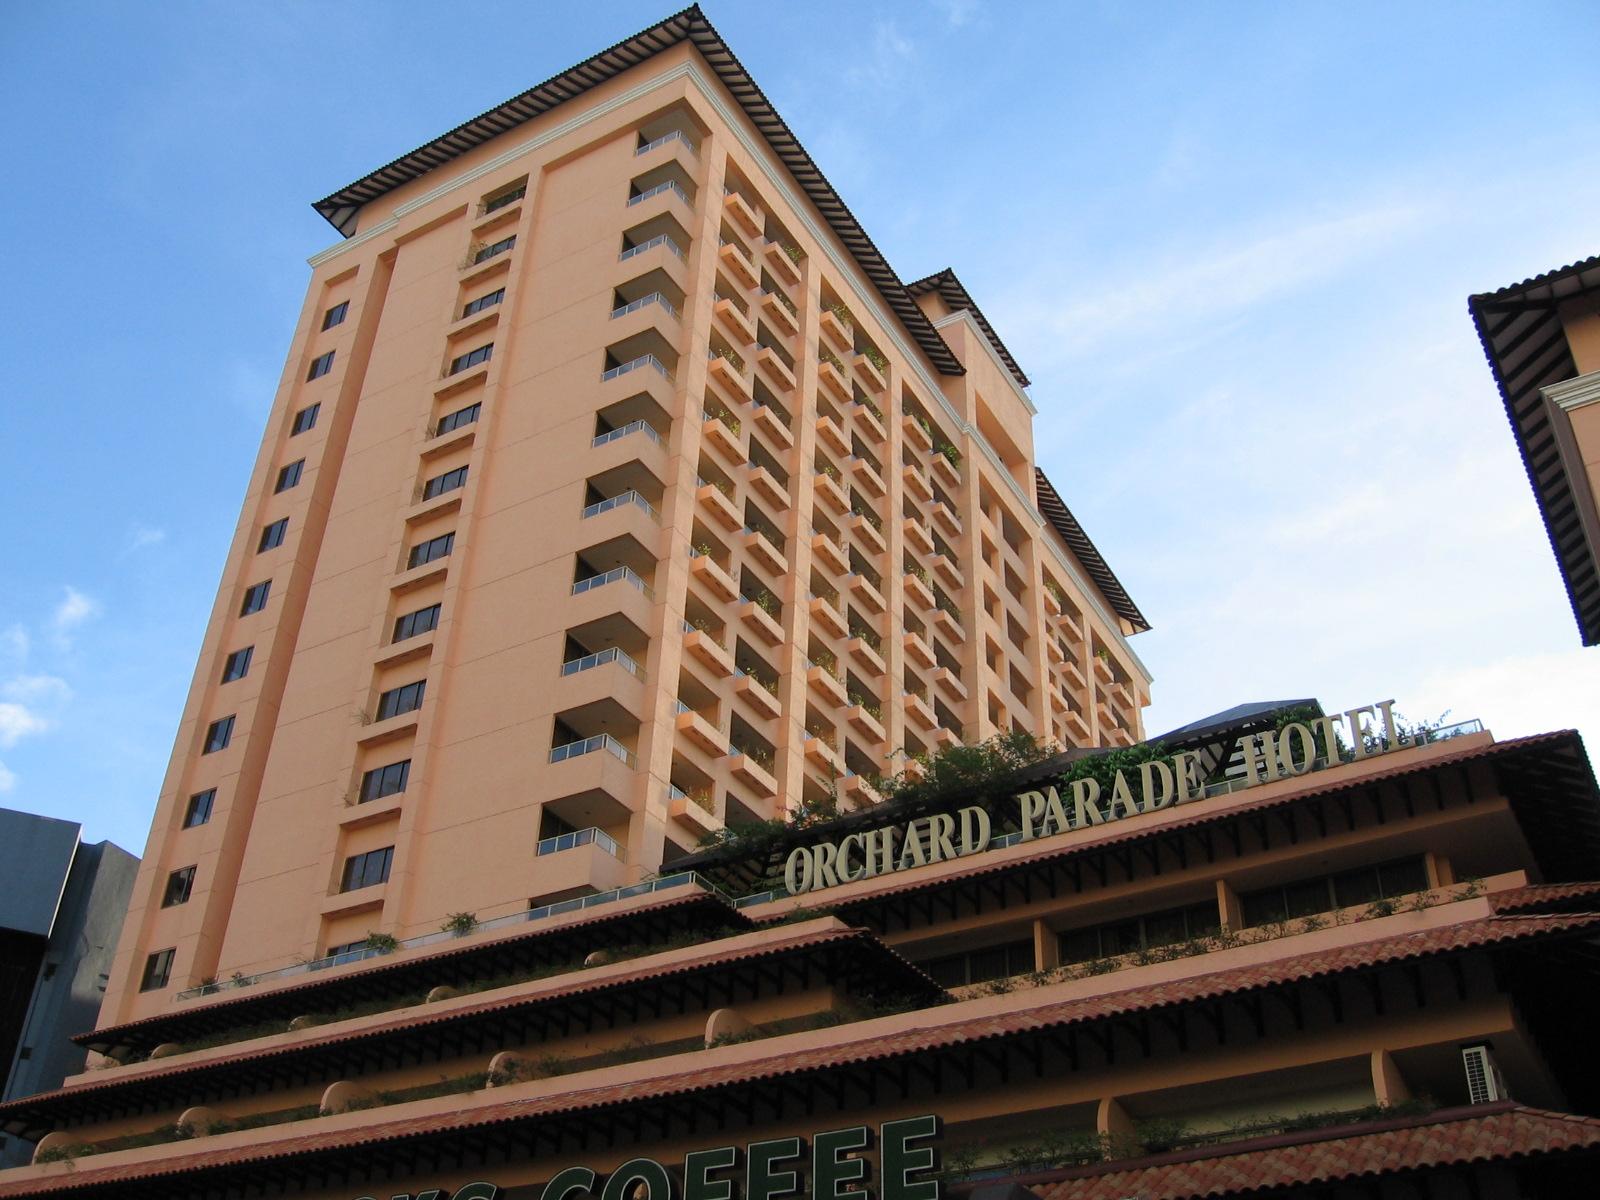 Orchard Parade Hotel Japanese Restaurant Akashi